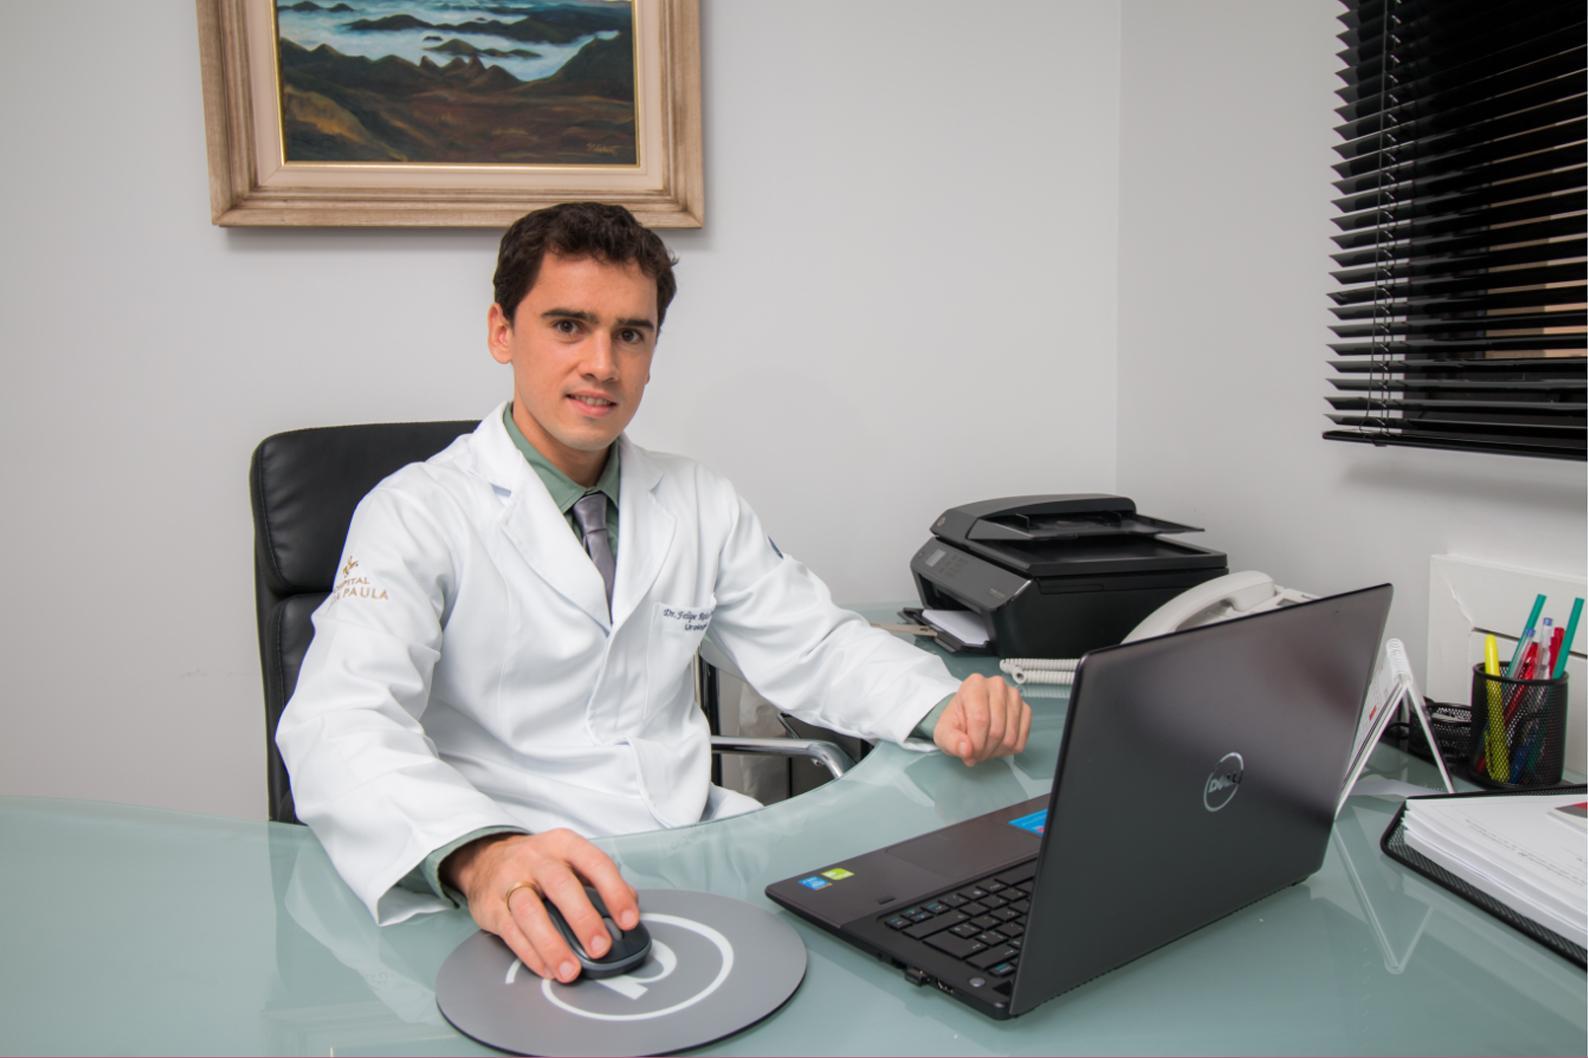 Dr. Felipe Delgado